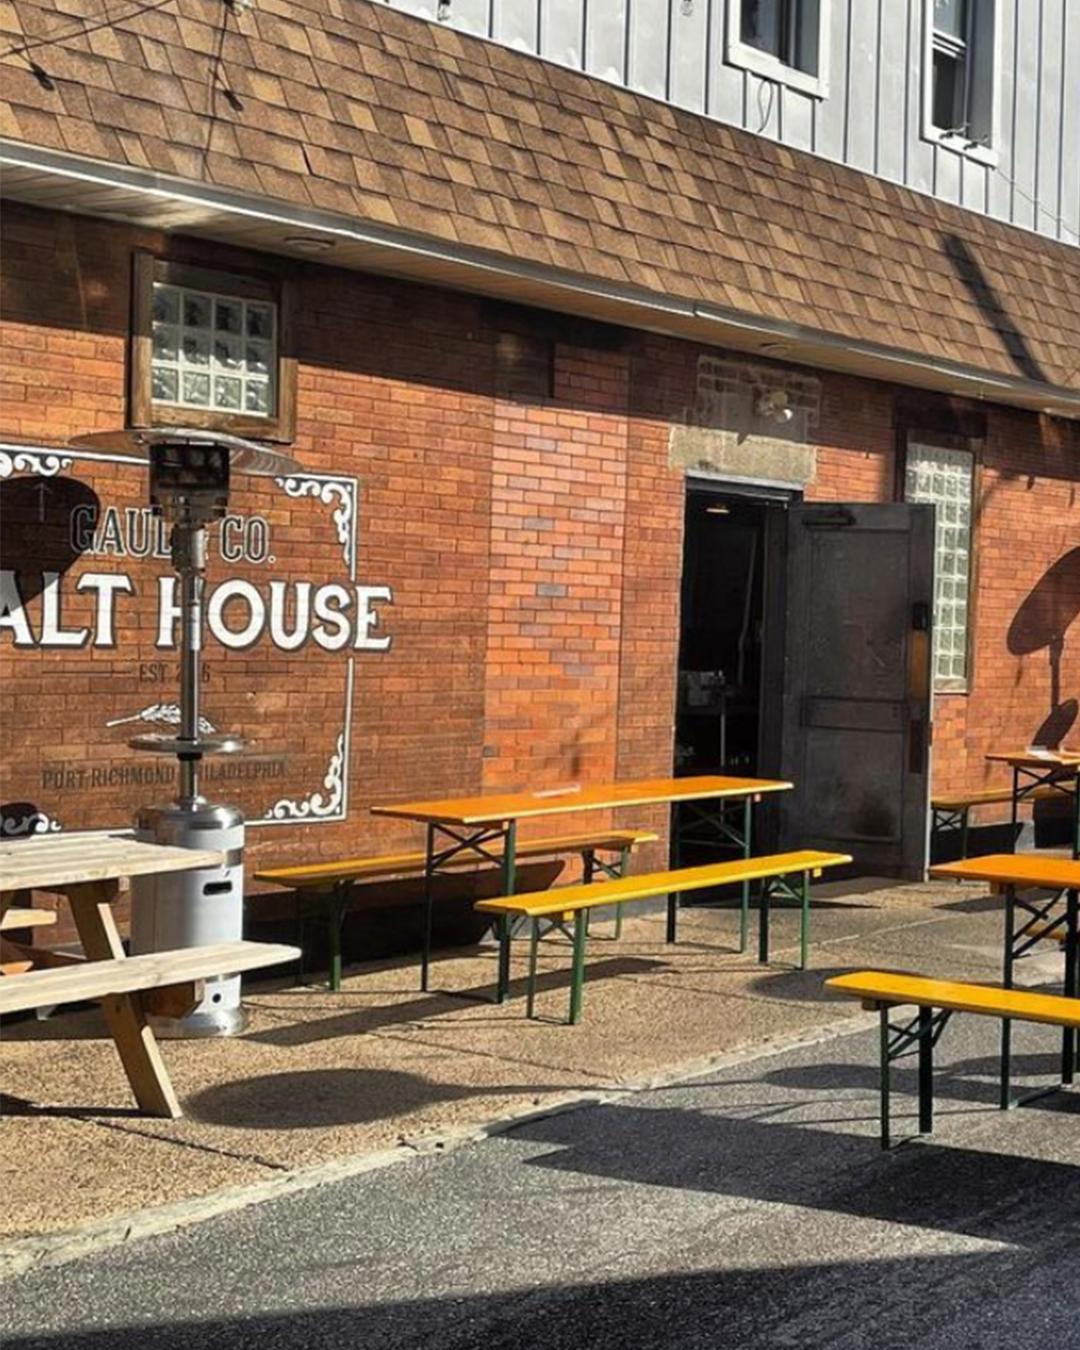 gaul and co malt house